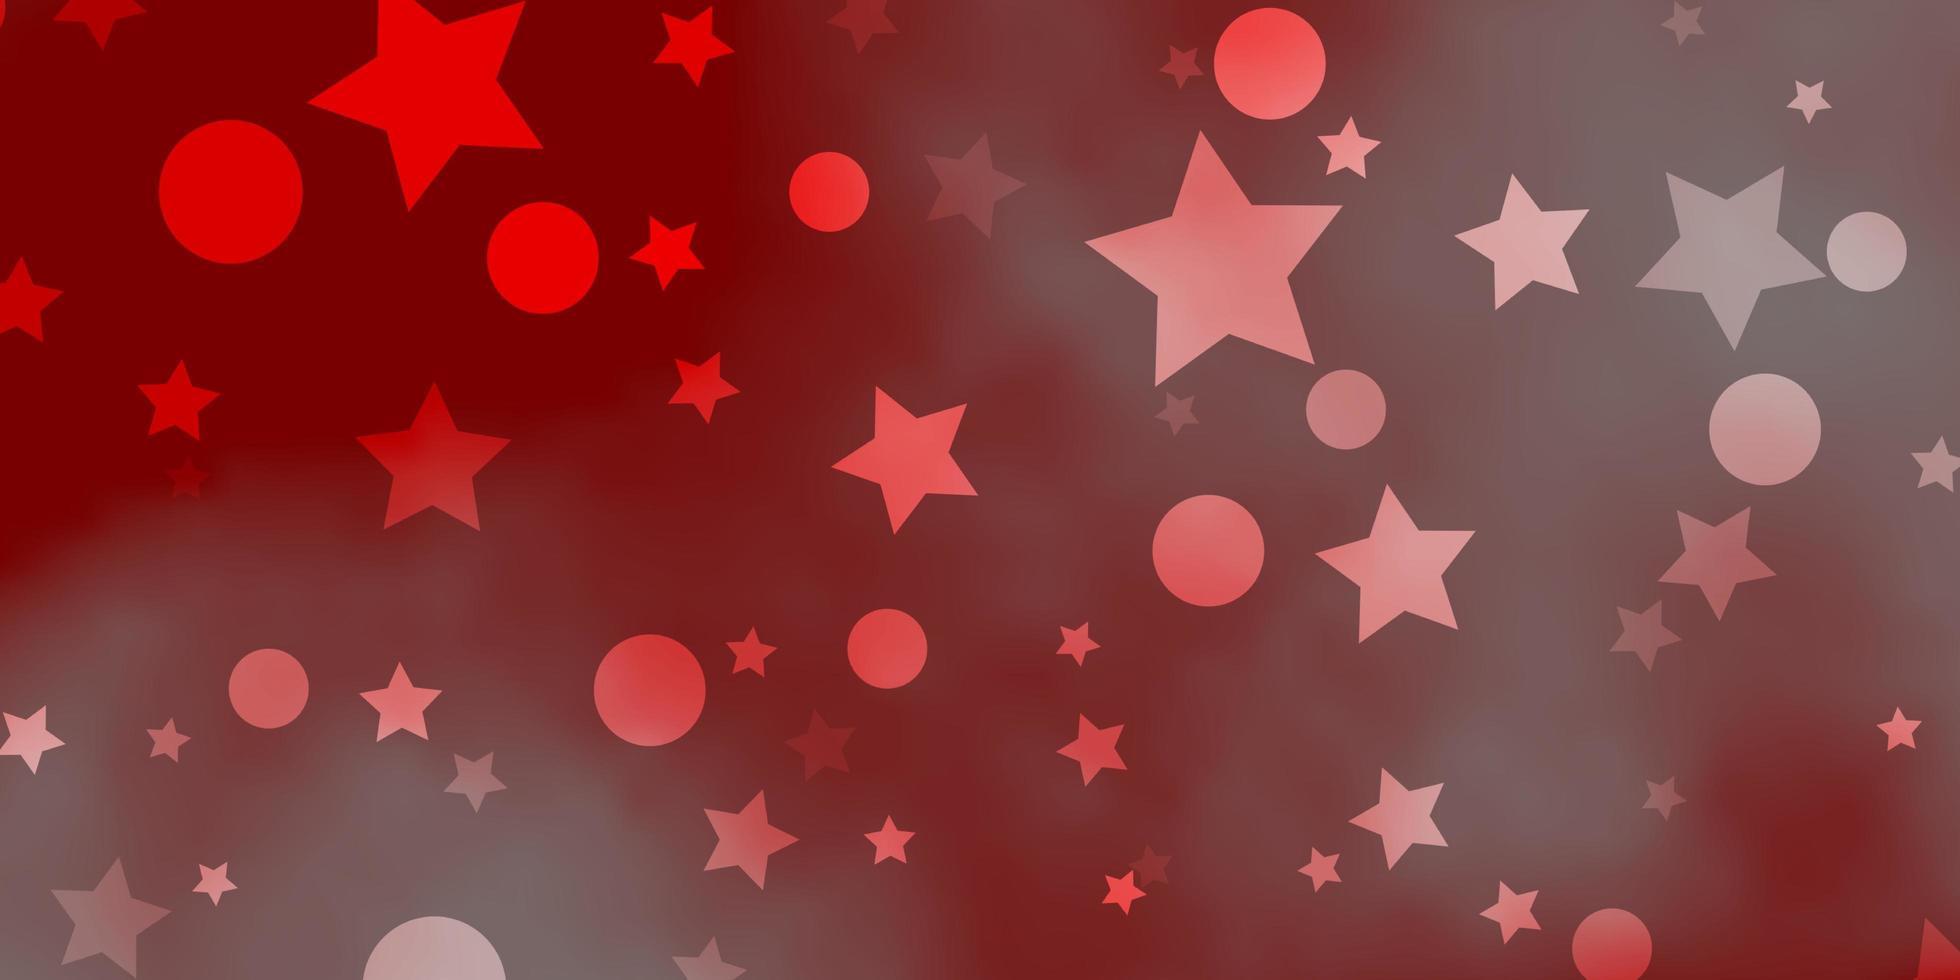 lichtrode vectorlay-out met cirkels, sterren. vector